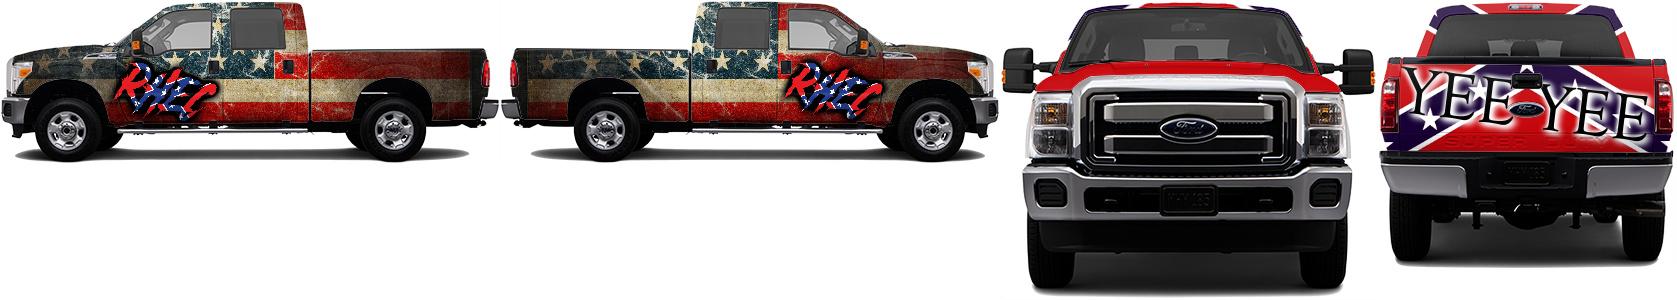 Truck Wrap #53080